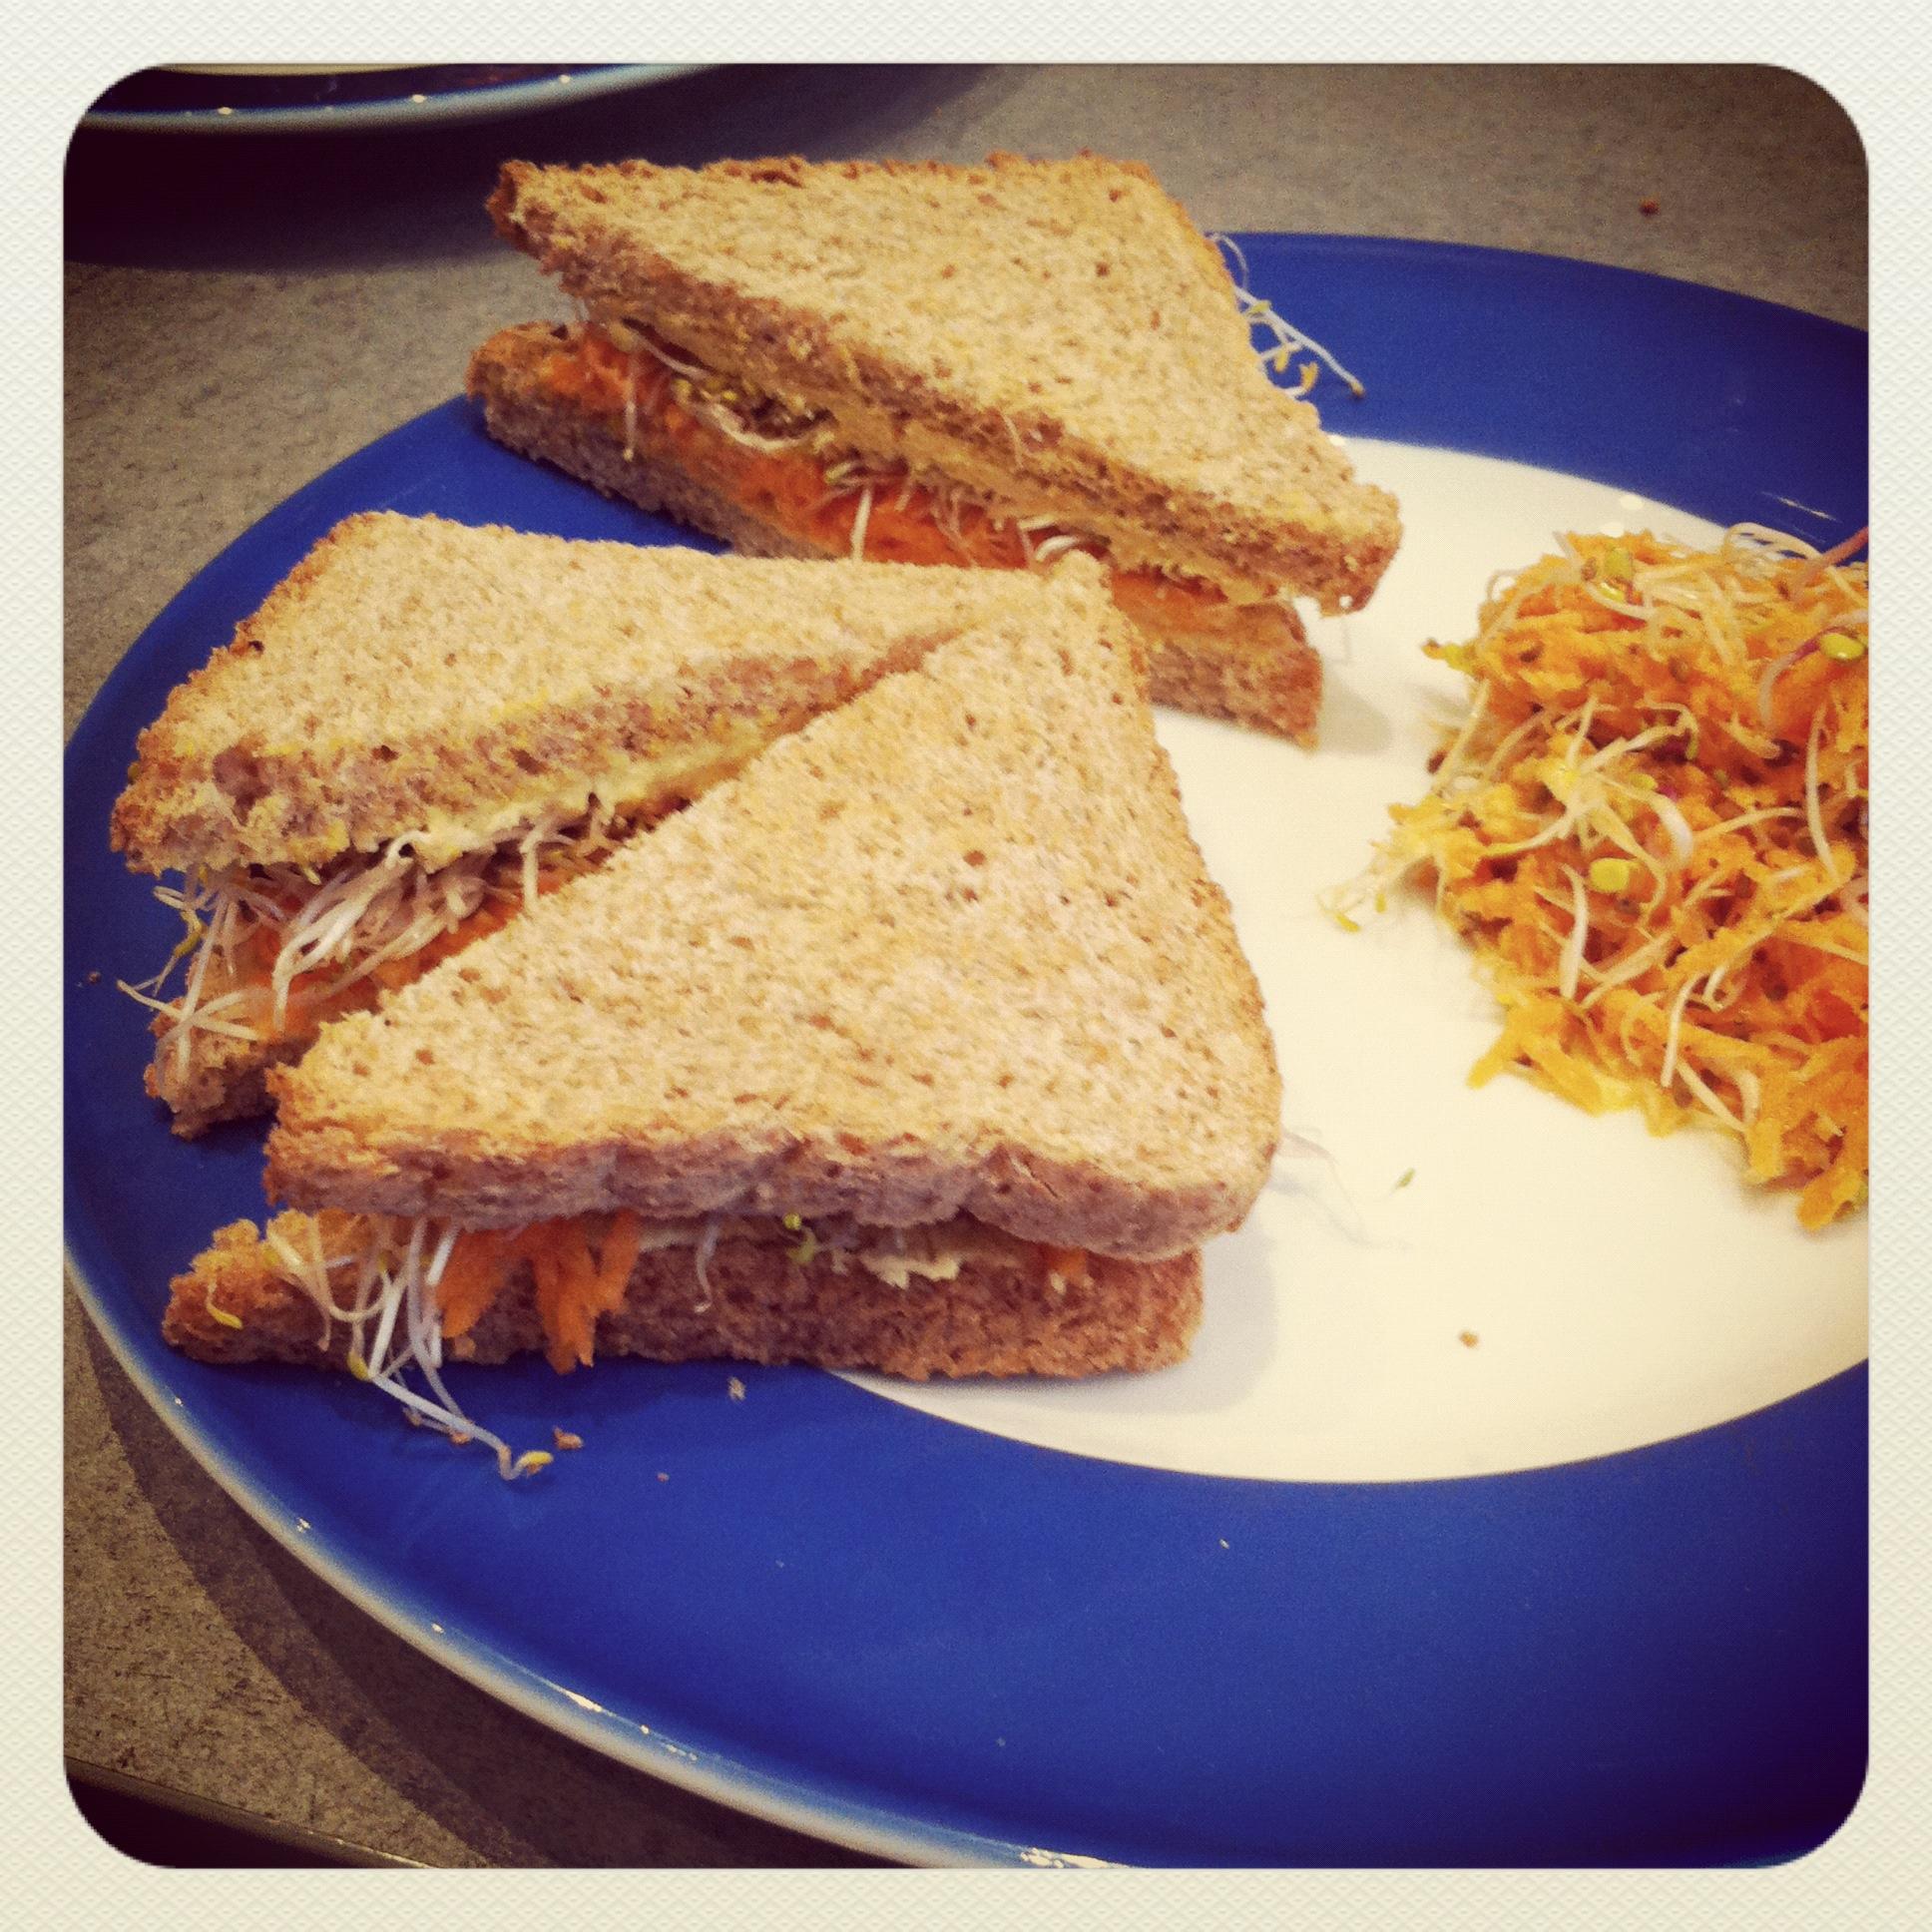 Sandwich delux